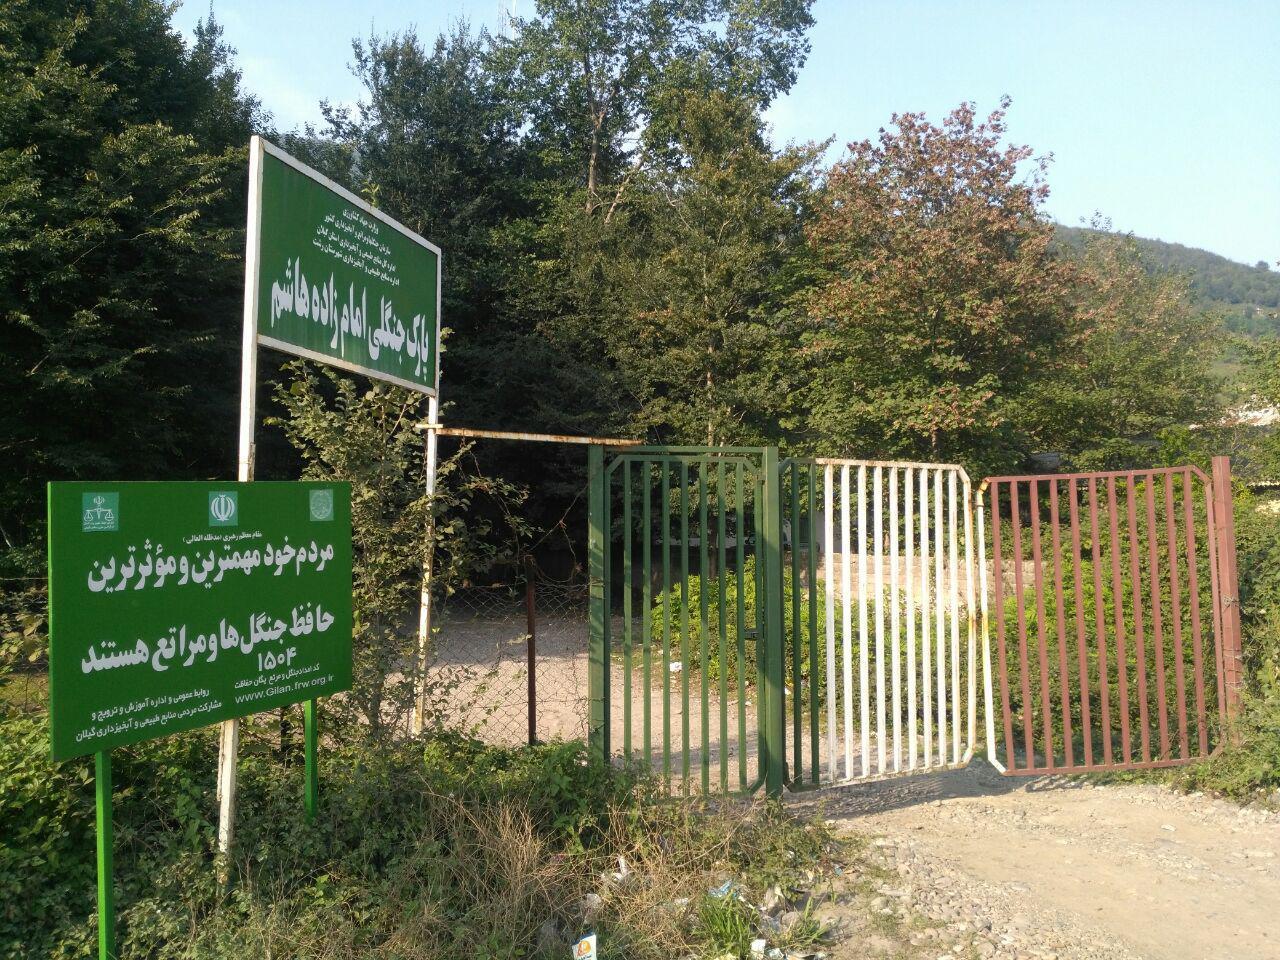 اختصاصی/درب ورودی پارک جنگلی امام زاده هاشم رشت قفل و زنجیر شد